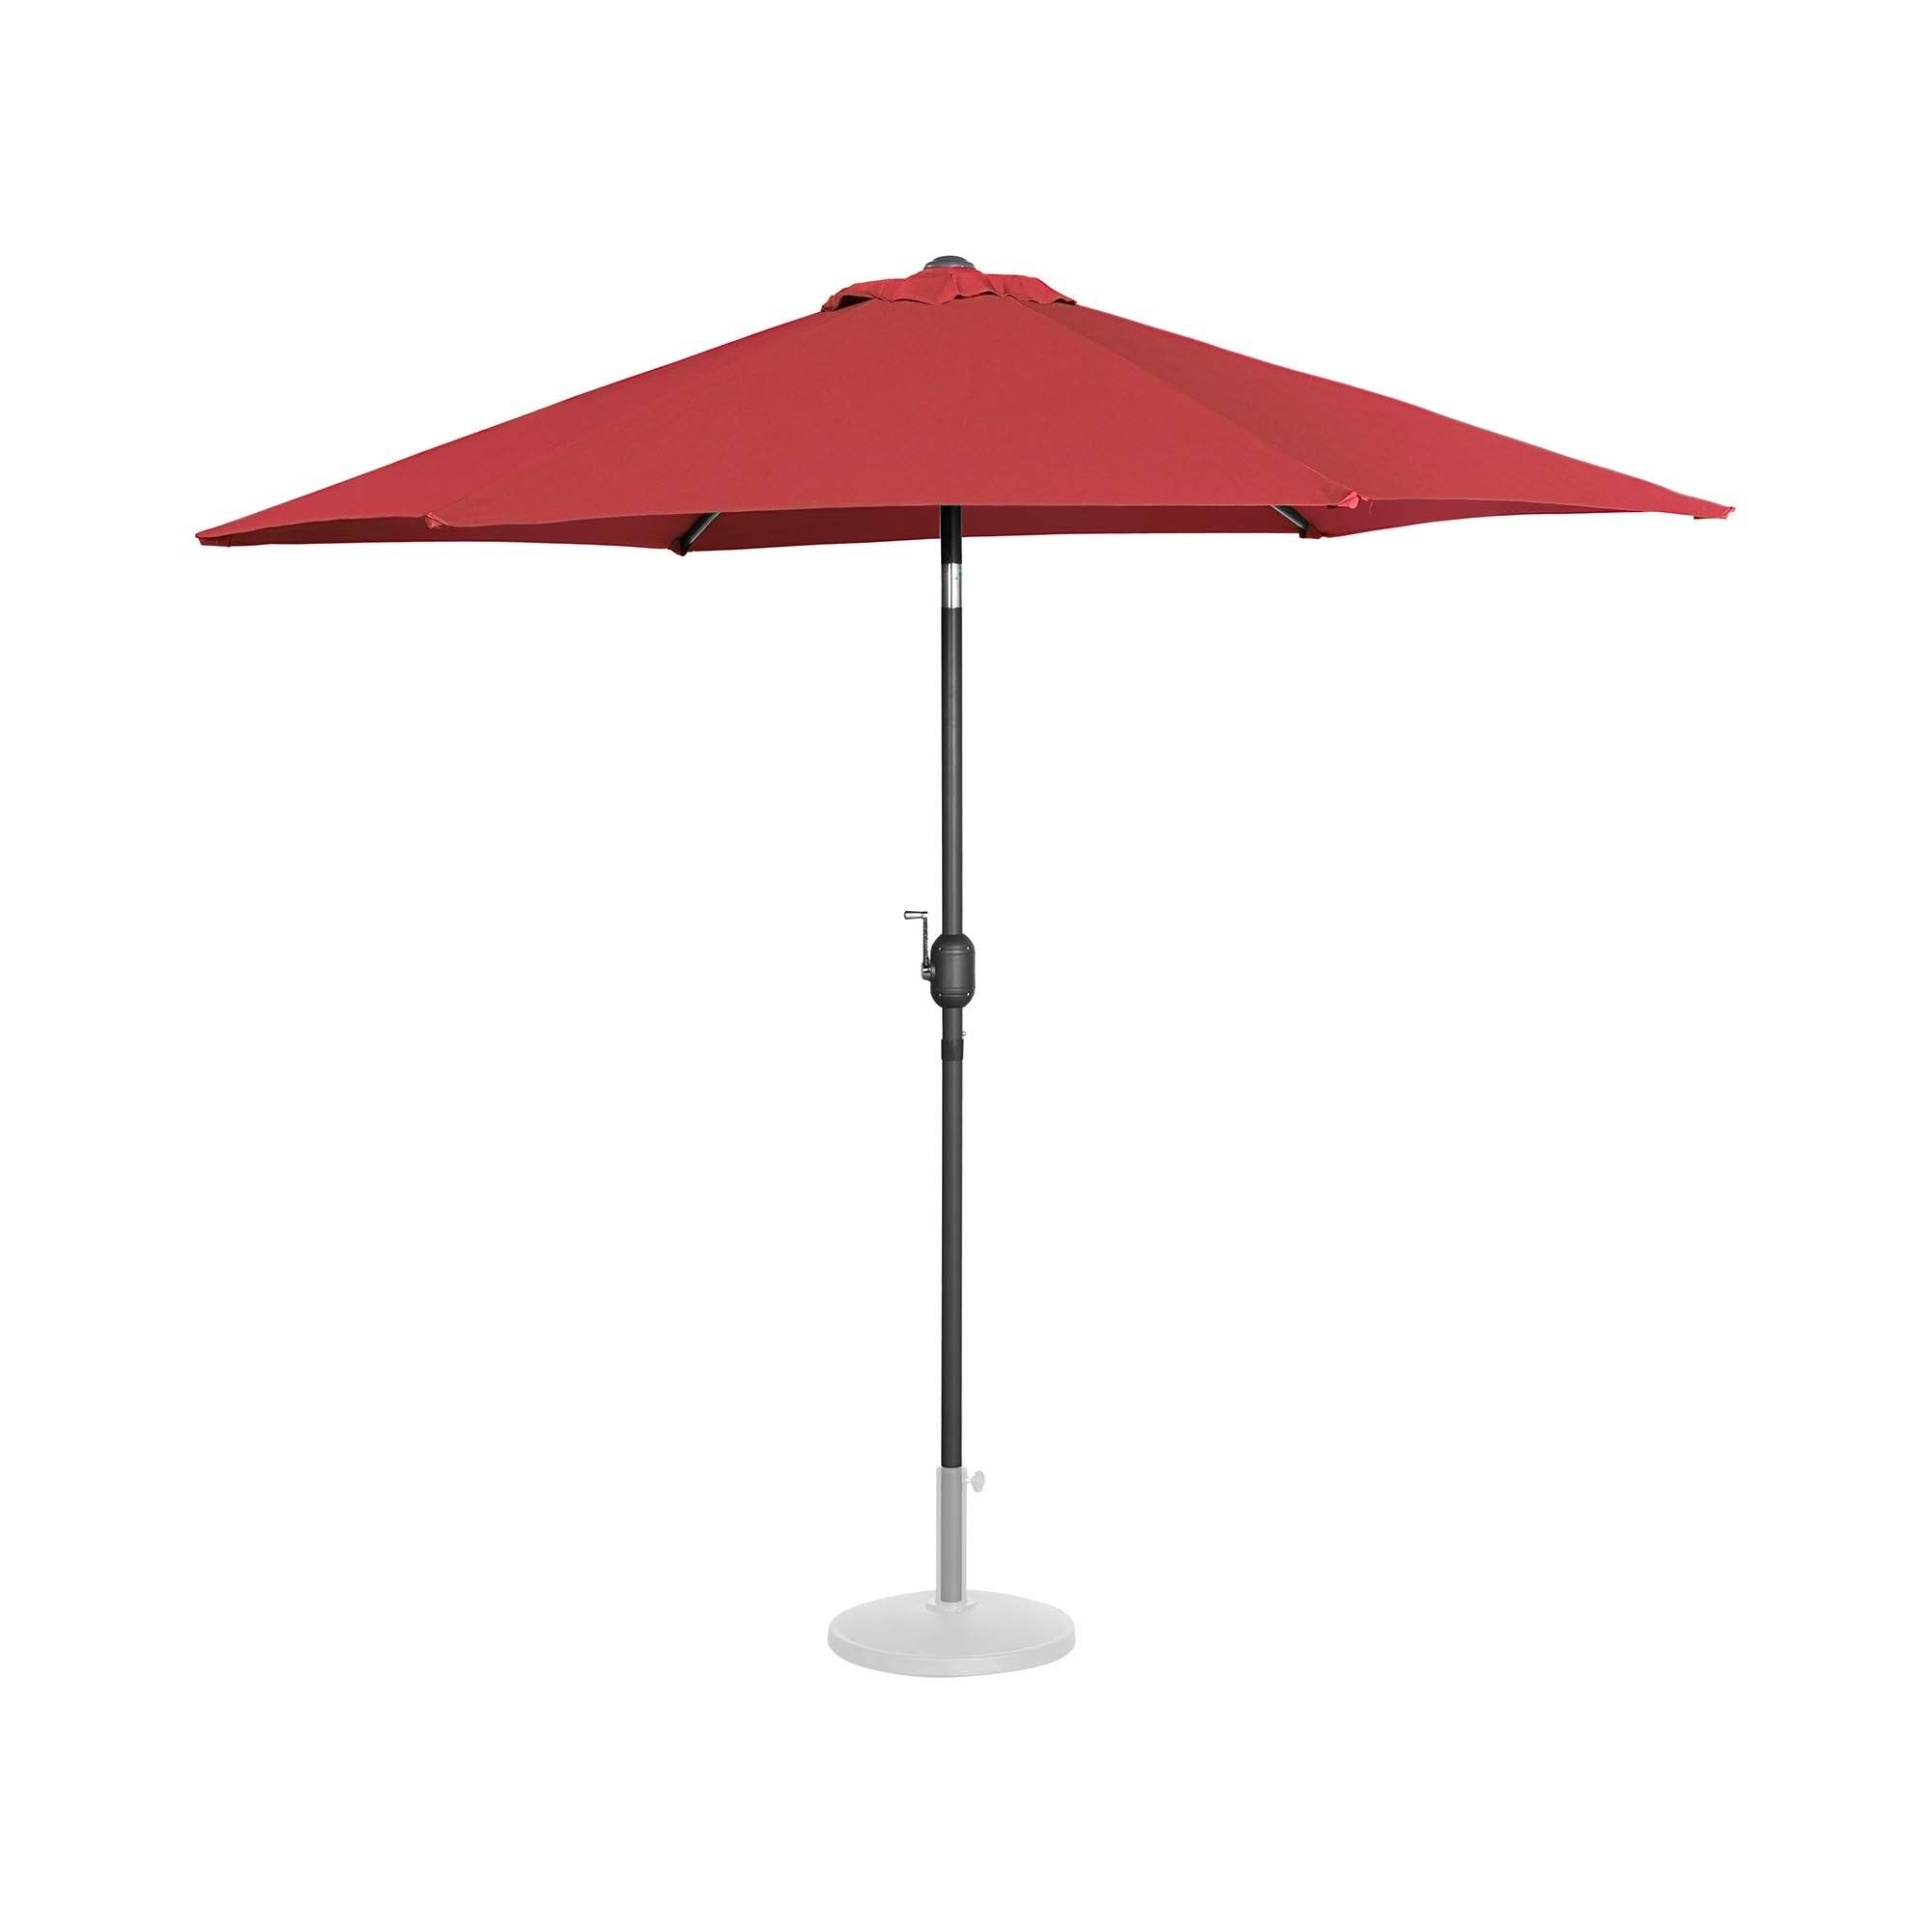 Uniprodo Ombrellone da esterno grande - bordeaux - esagonale - Ø 270 cm - inclinabile UNI_UMBRELLA_R270BO